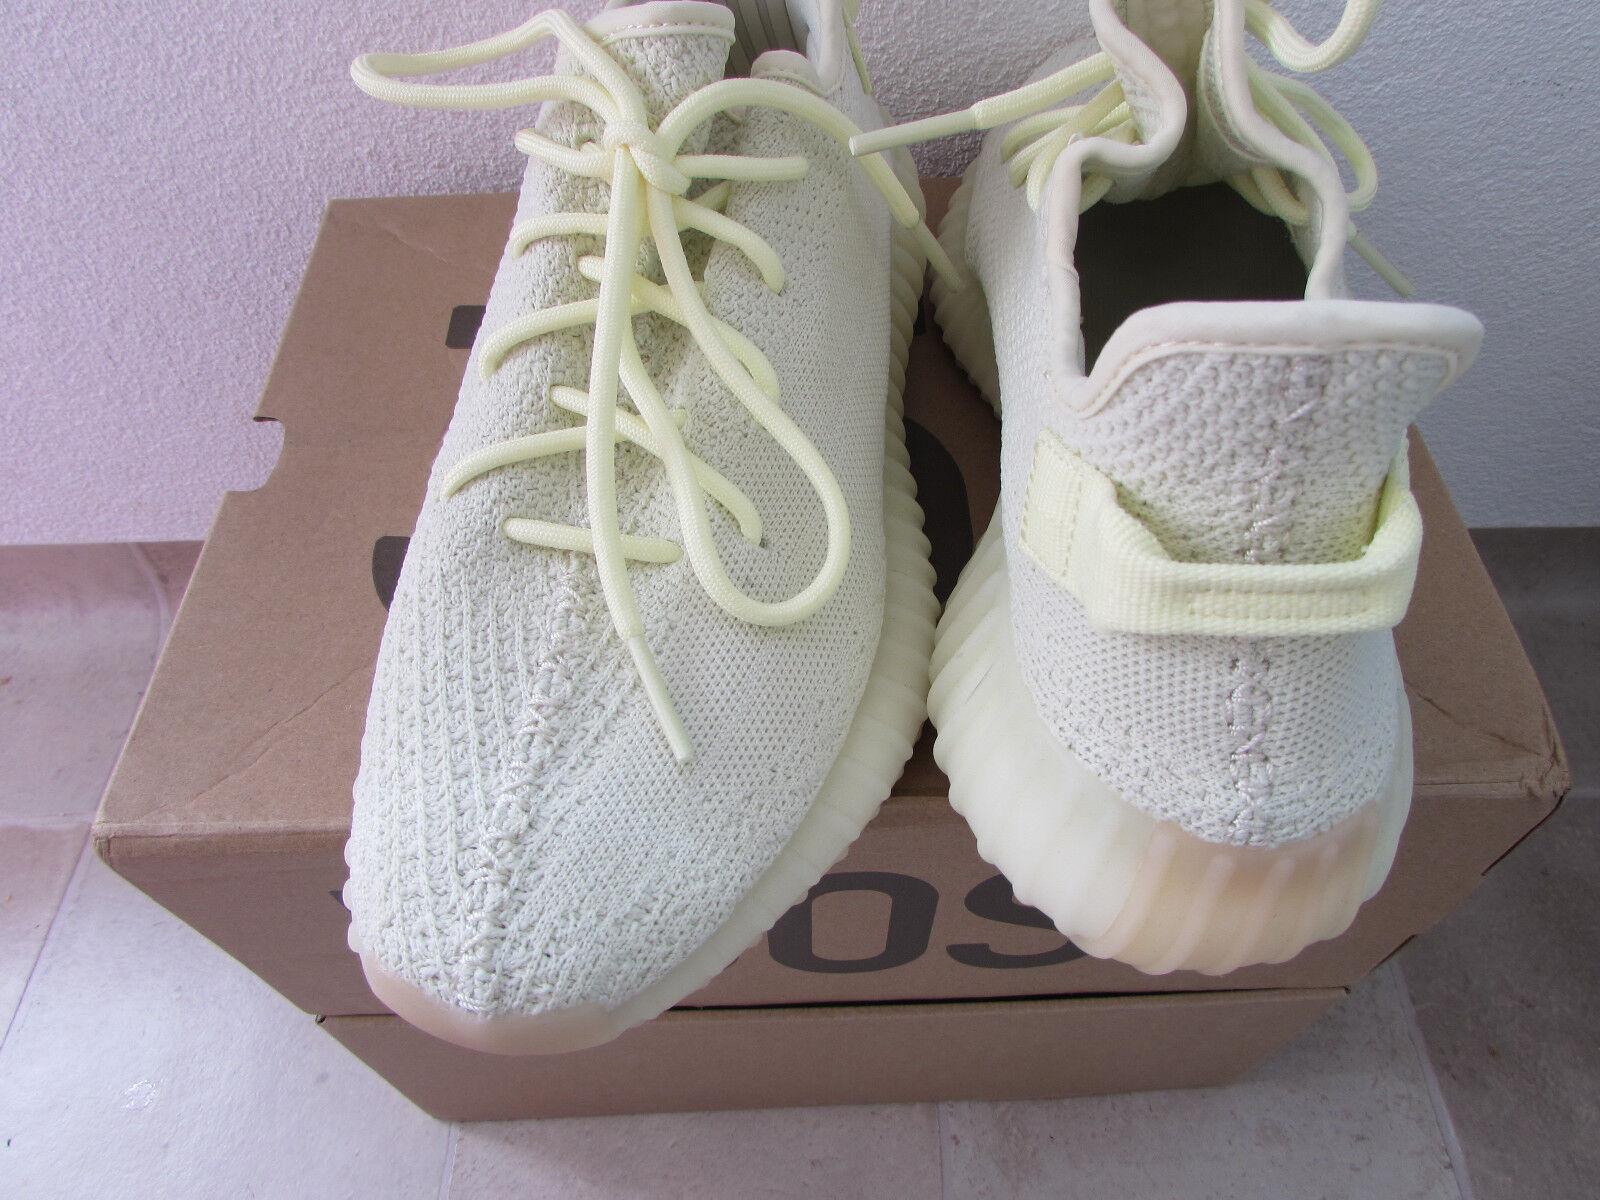 Adidas Yeezy Boost 350 V2 Butter EU 43 1/3 US 9,5